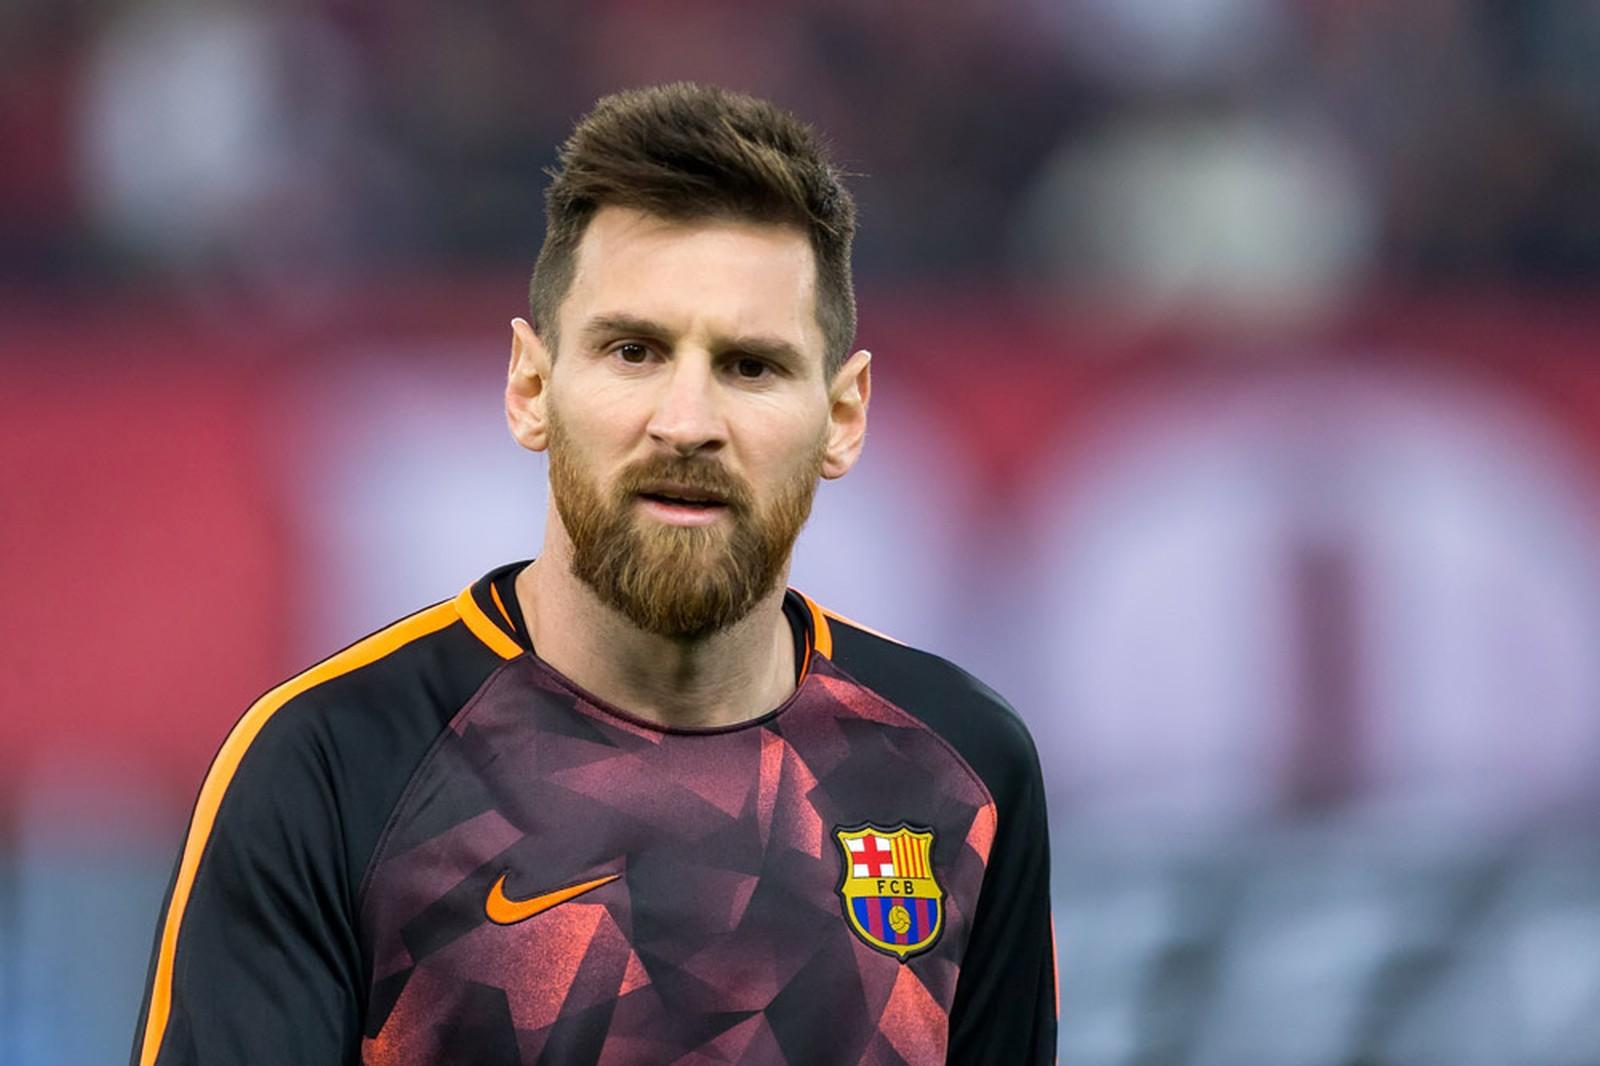 Lionel Messi: Abschied von Barça bereits beschlossen? - Fussball Europa